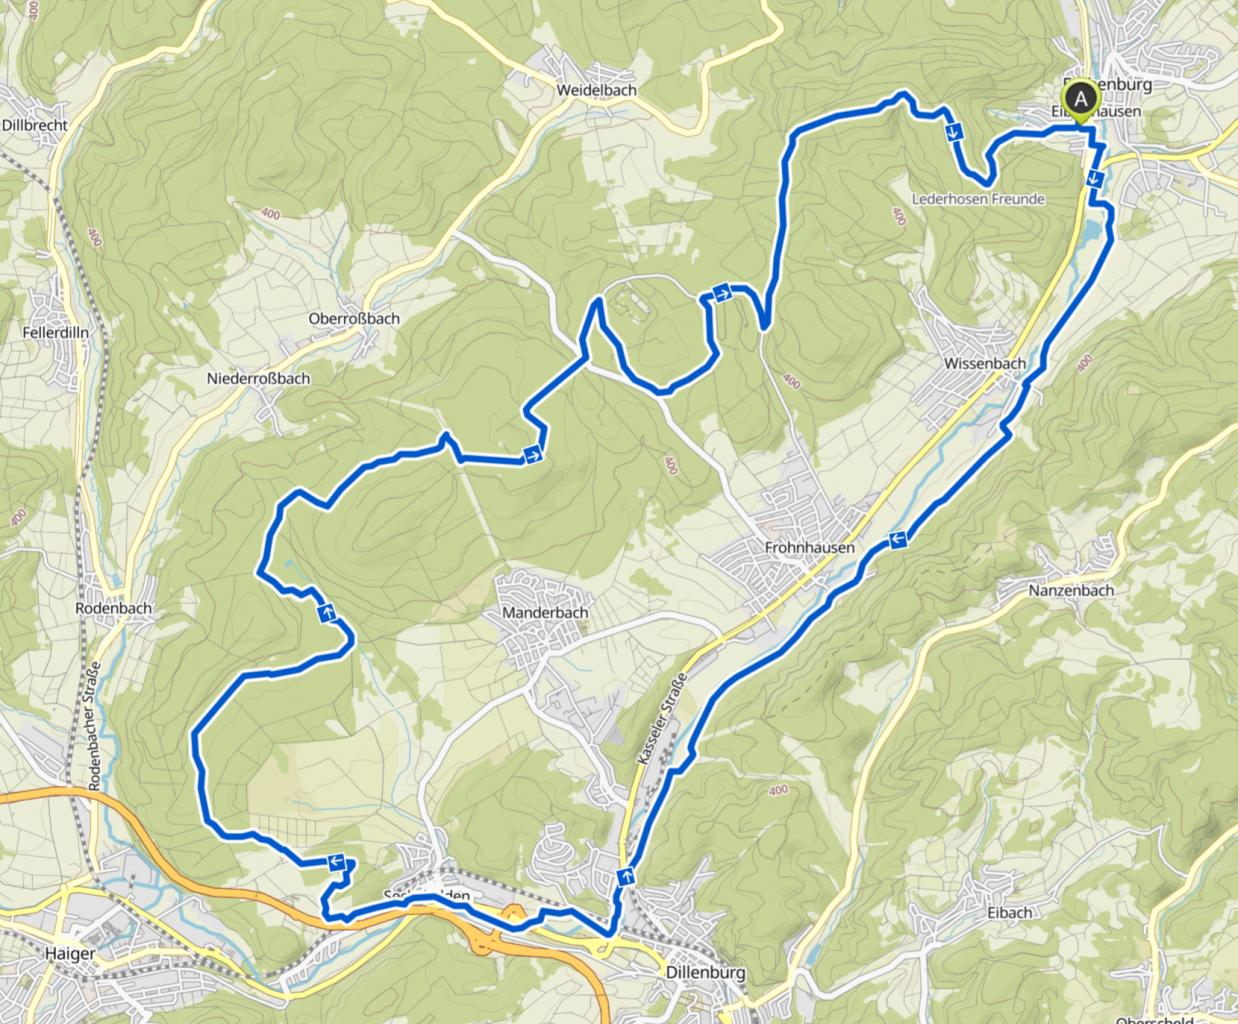 FireShot Capture 002 - Neue Runde Sechshelden - Fahrradtour - Komoot - www.komoot.de.png